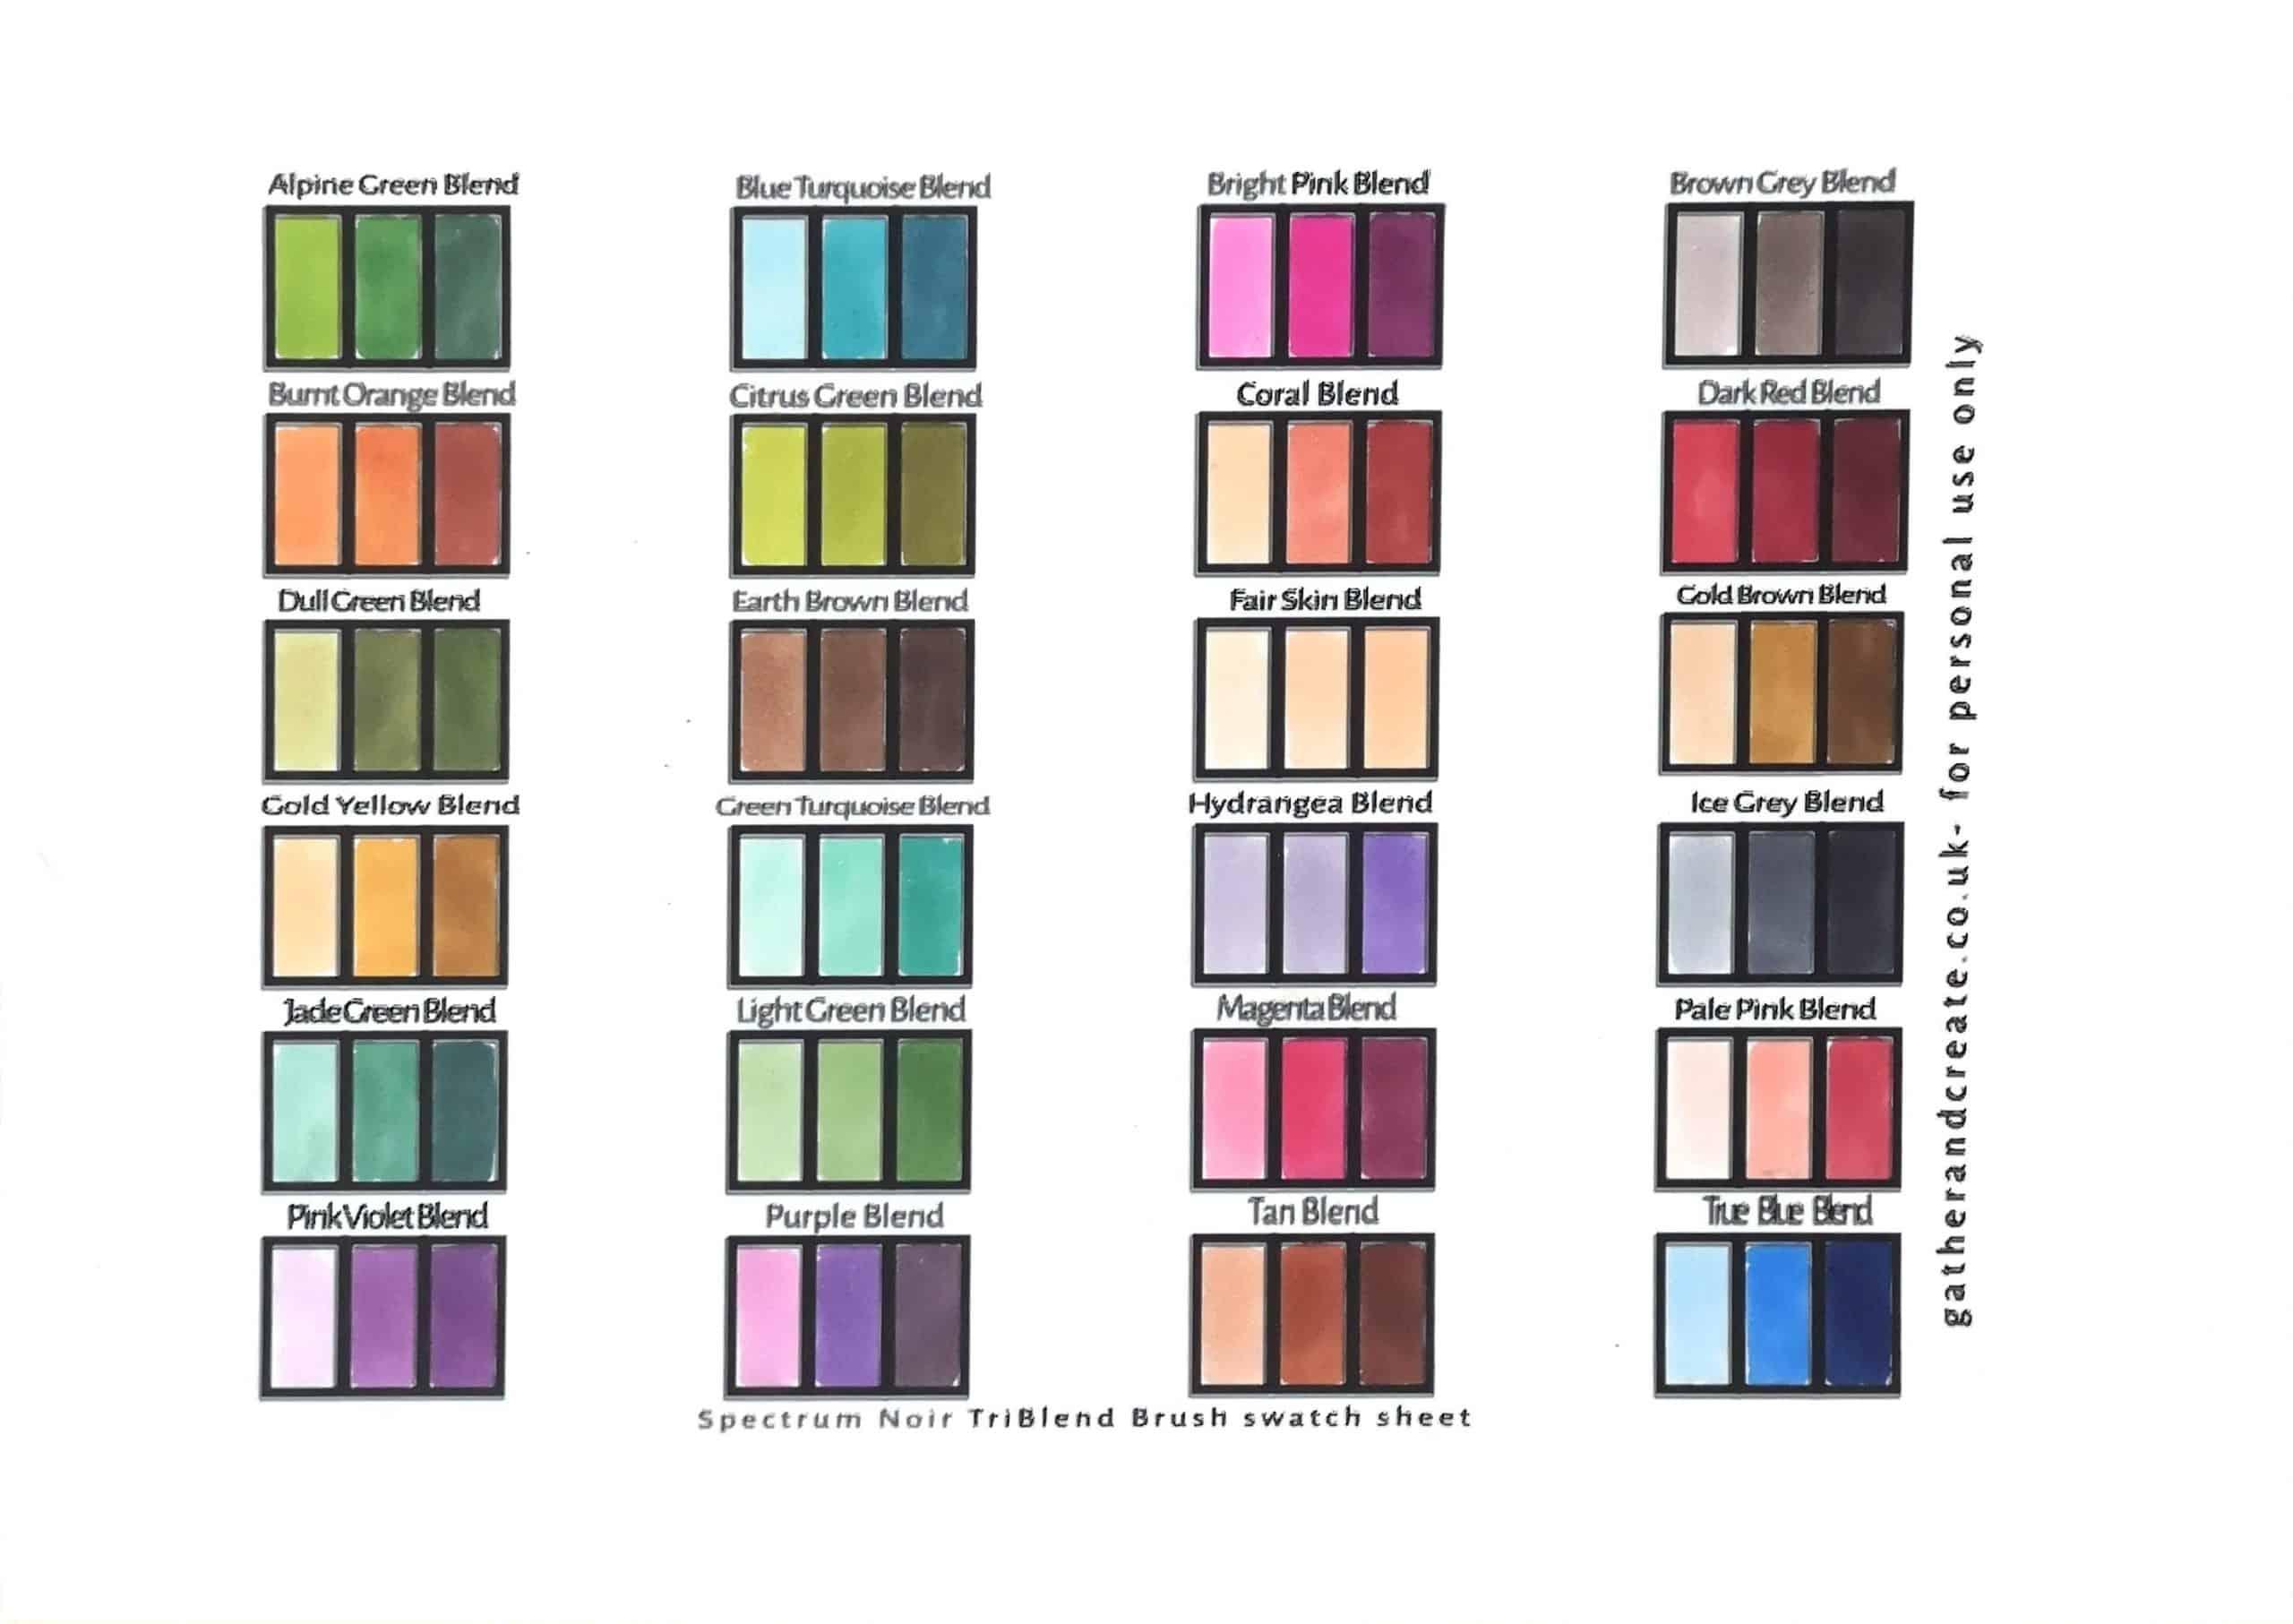 """""""Keyword"""" """"spectrum noir illustrator"""" """"spectrum noir classique markers"""" """"spectrum noir pencils"""" """"spectrum noir markers color chart"""" """"spectrum noir refills"""" """"spectrum noir graphic markers"""" """"spectrum noir tri blend markers"""" """"spectrum noir markers illustrator"""" """"spectrum noir colour chart"""" """"spectrum noir tri blend pens"""" """"spectrum noir markers ebay"""" """"spectrum noir markers refills"""" """"spectrum noir hobbycraft"""" """"spectrum noir illustrator pens uk"""" """"the works spectrum noir"""" """"spectrum noir harmony ink pads"""" """"alcohol ink pens"""" """"spectrum noir reinkers uk"""" """"spectrum noir basics 24"""" """"spectrum noir tri blend alcohol markers"""" """"the range art pens"""" """"spectrum noir markers review"""" """"alcohol markers"""" """"copic markers"""" """"amazon uk"""" """"spectrum noir triblend case"""" """"spectrum noir illustrator 36 pack"""" """"create and craft spectrum noir"""" """"spectrum noir watercolour pens"""" """"spectrum noir illustrator colour essentials"""""""